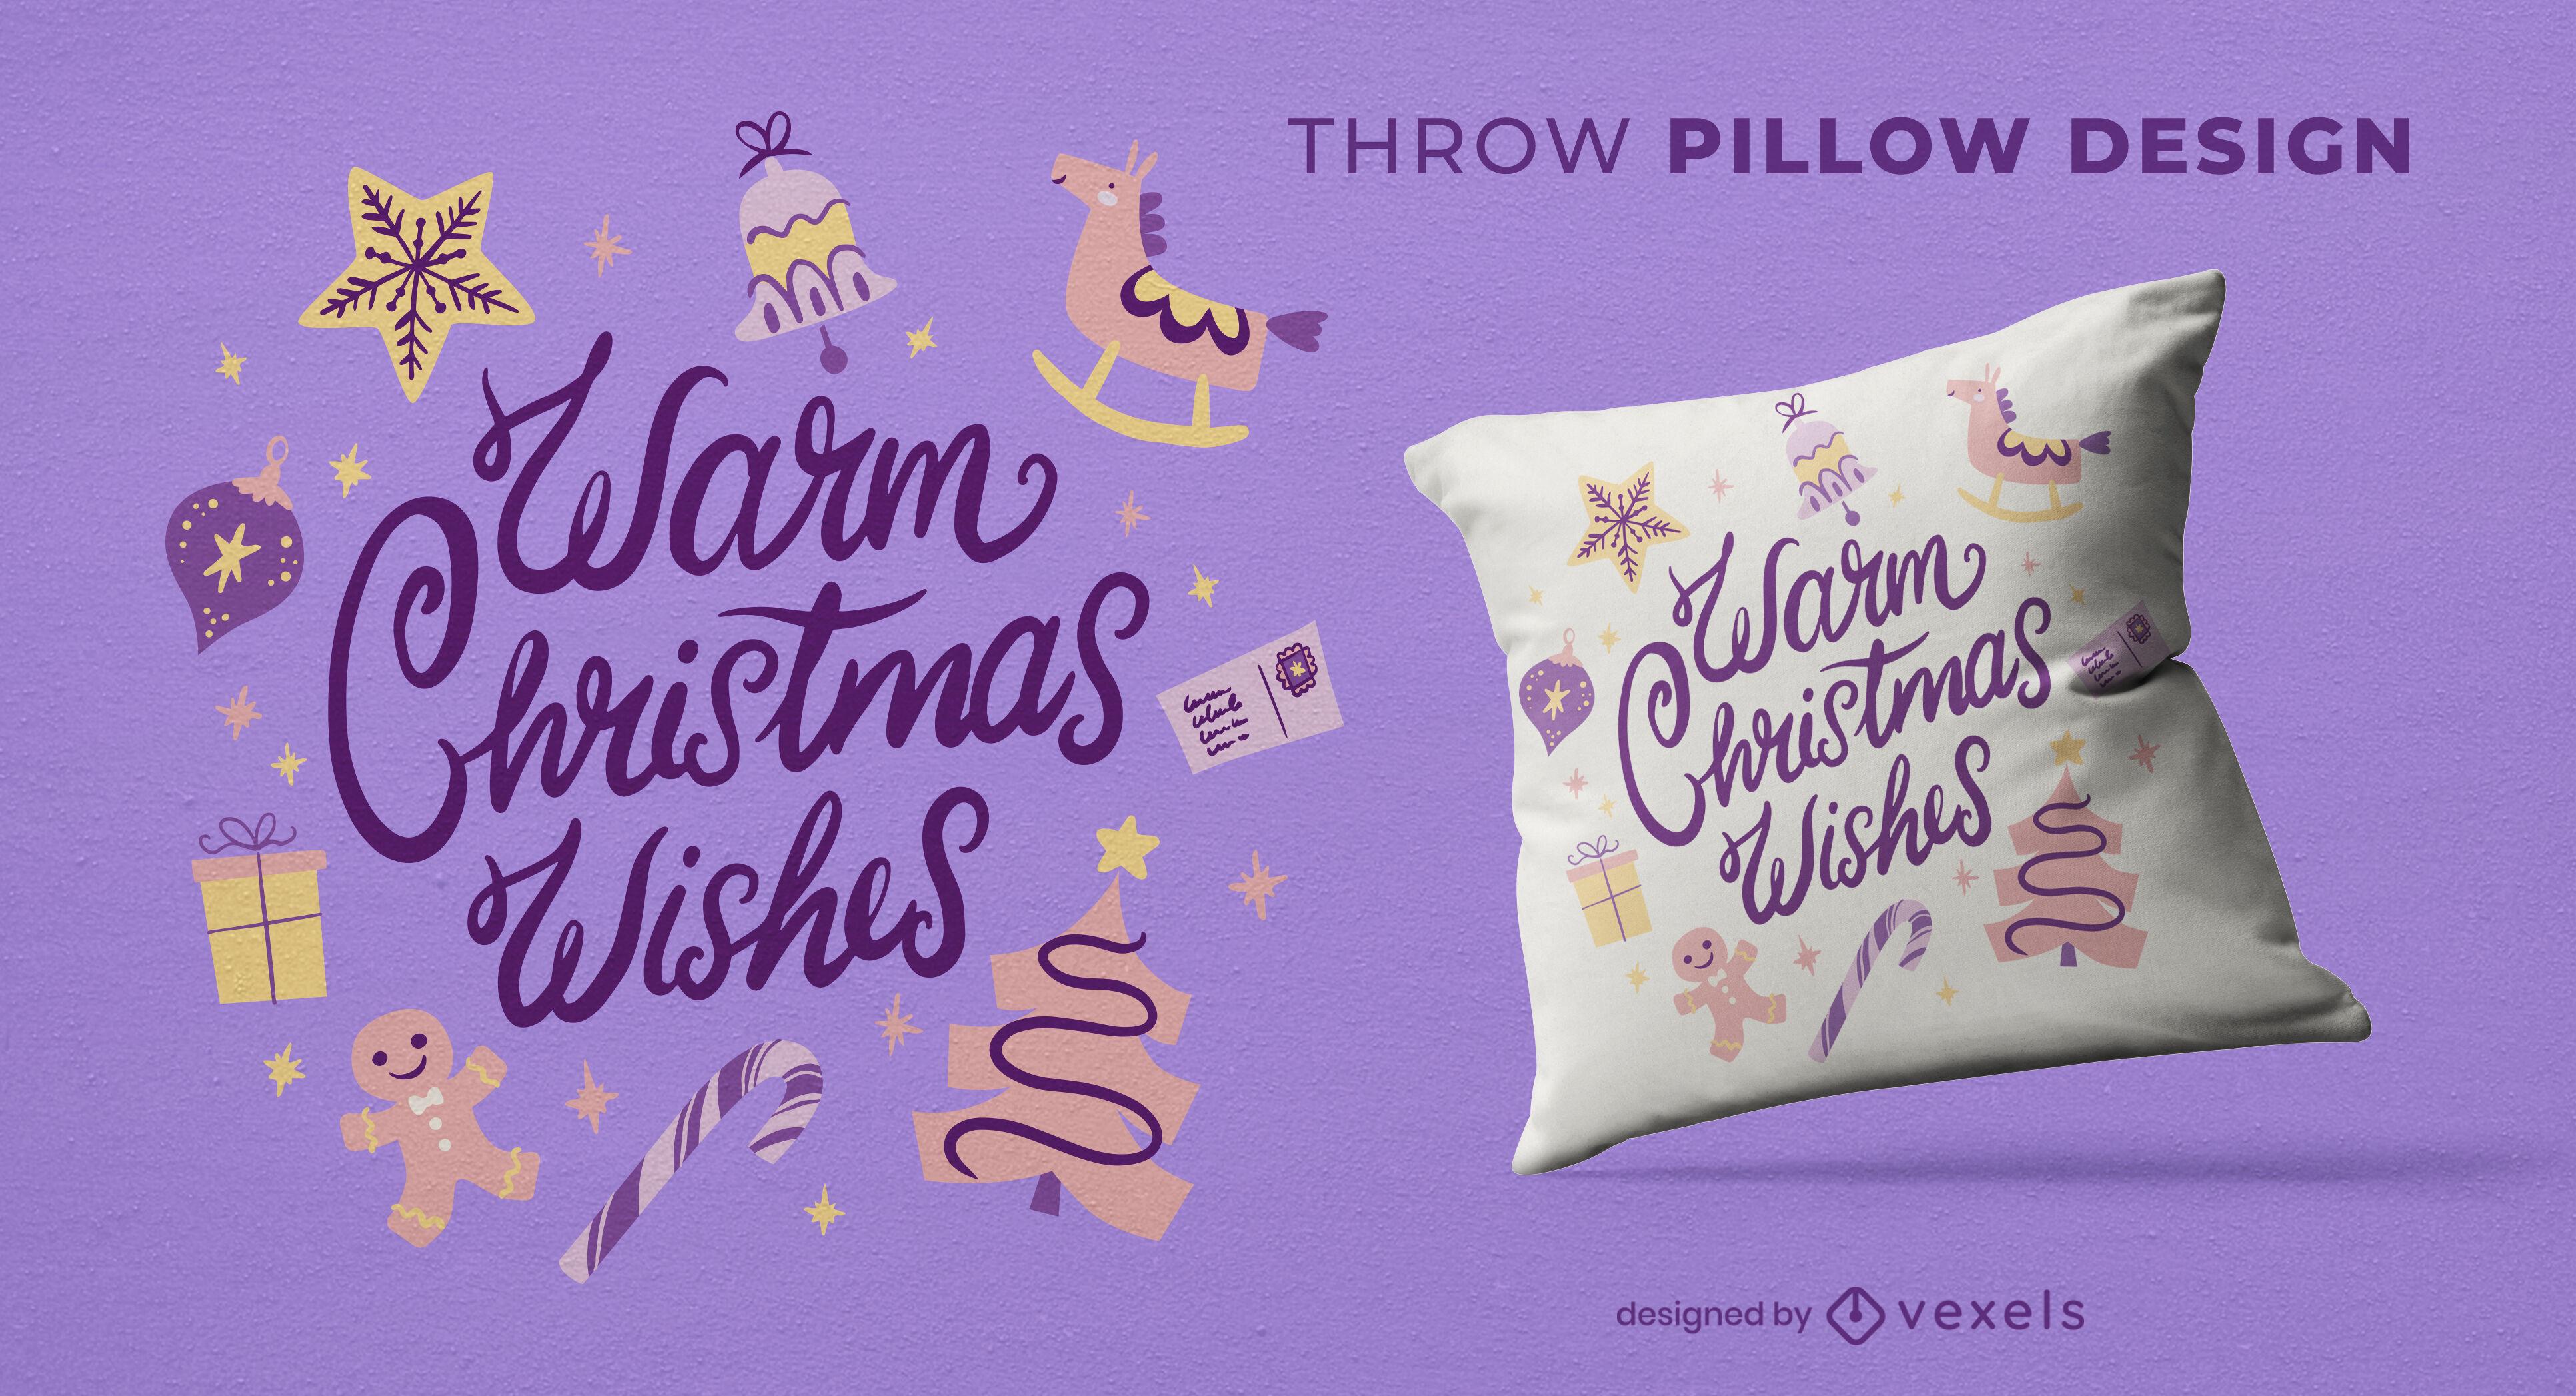 Dise?o de almohada de tiro de regalos navide?os